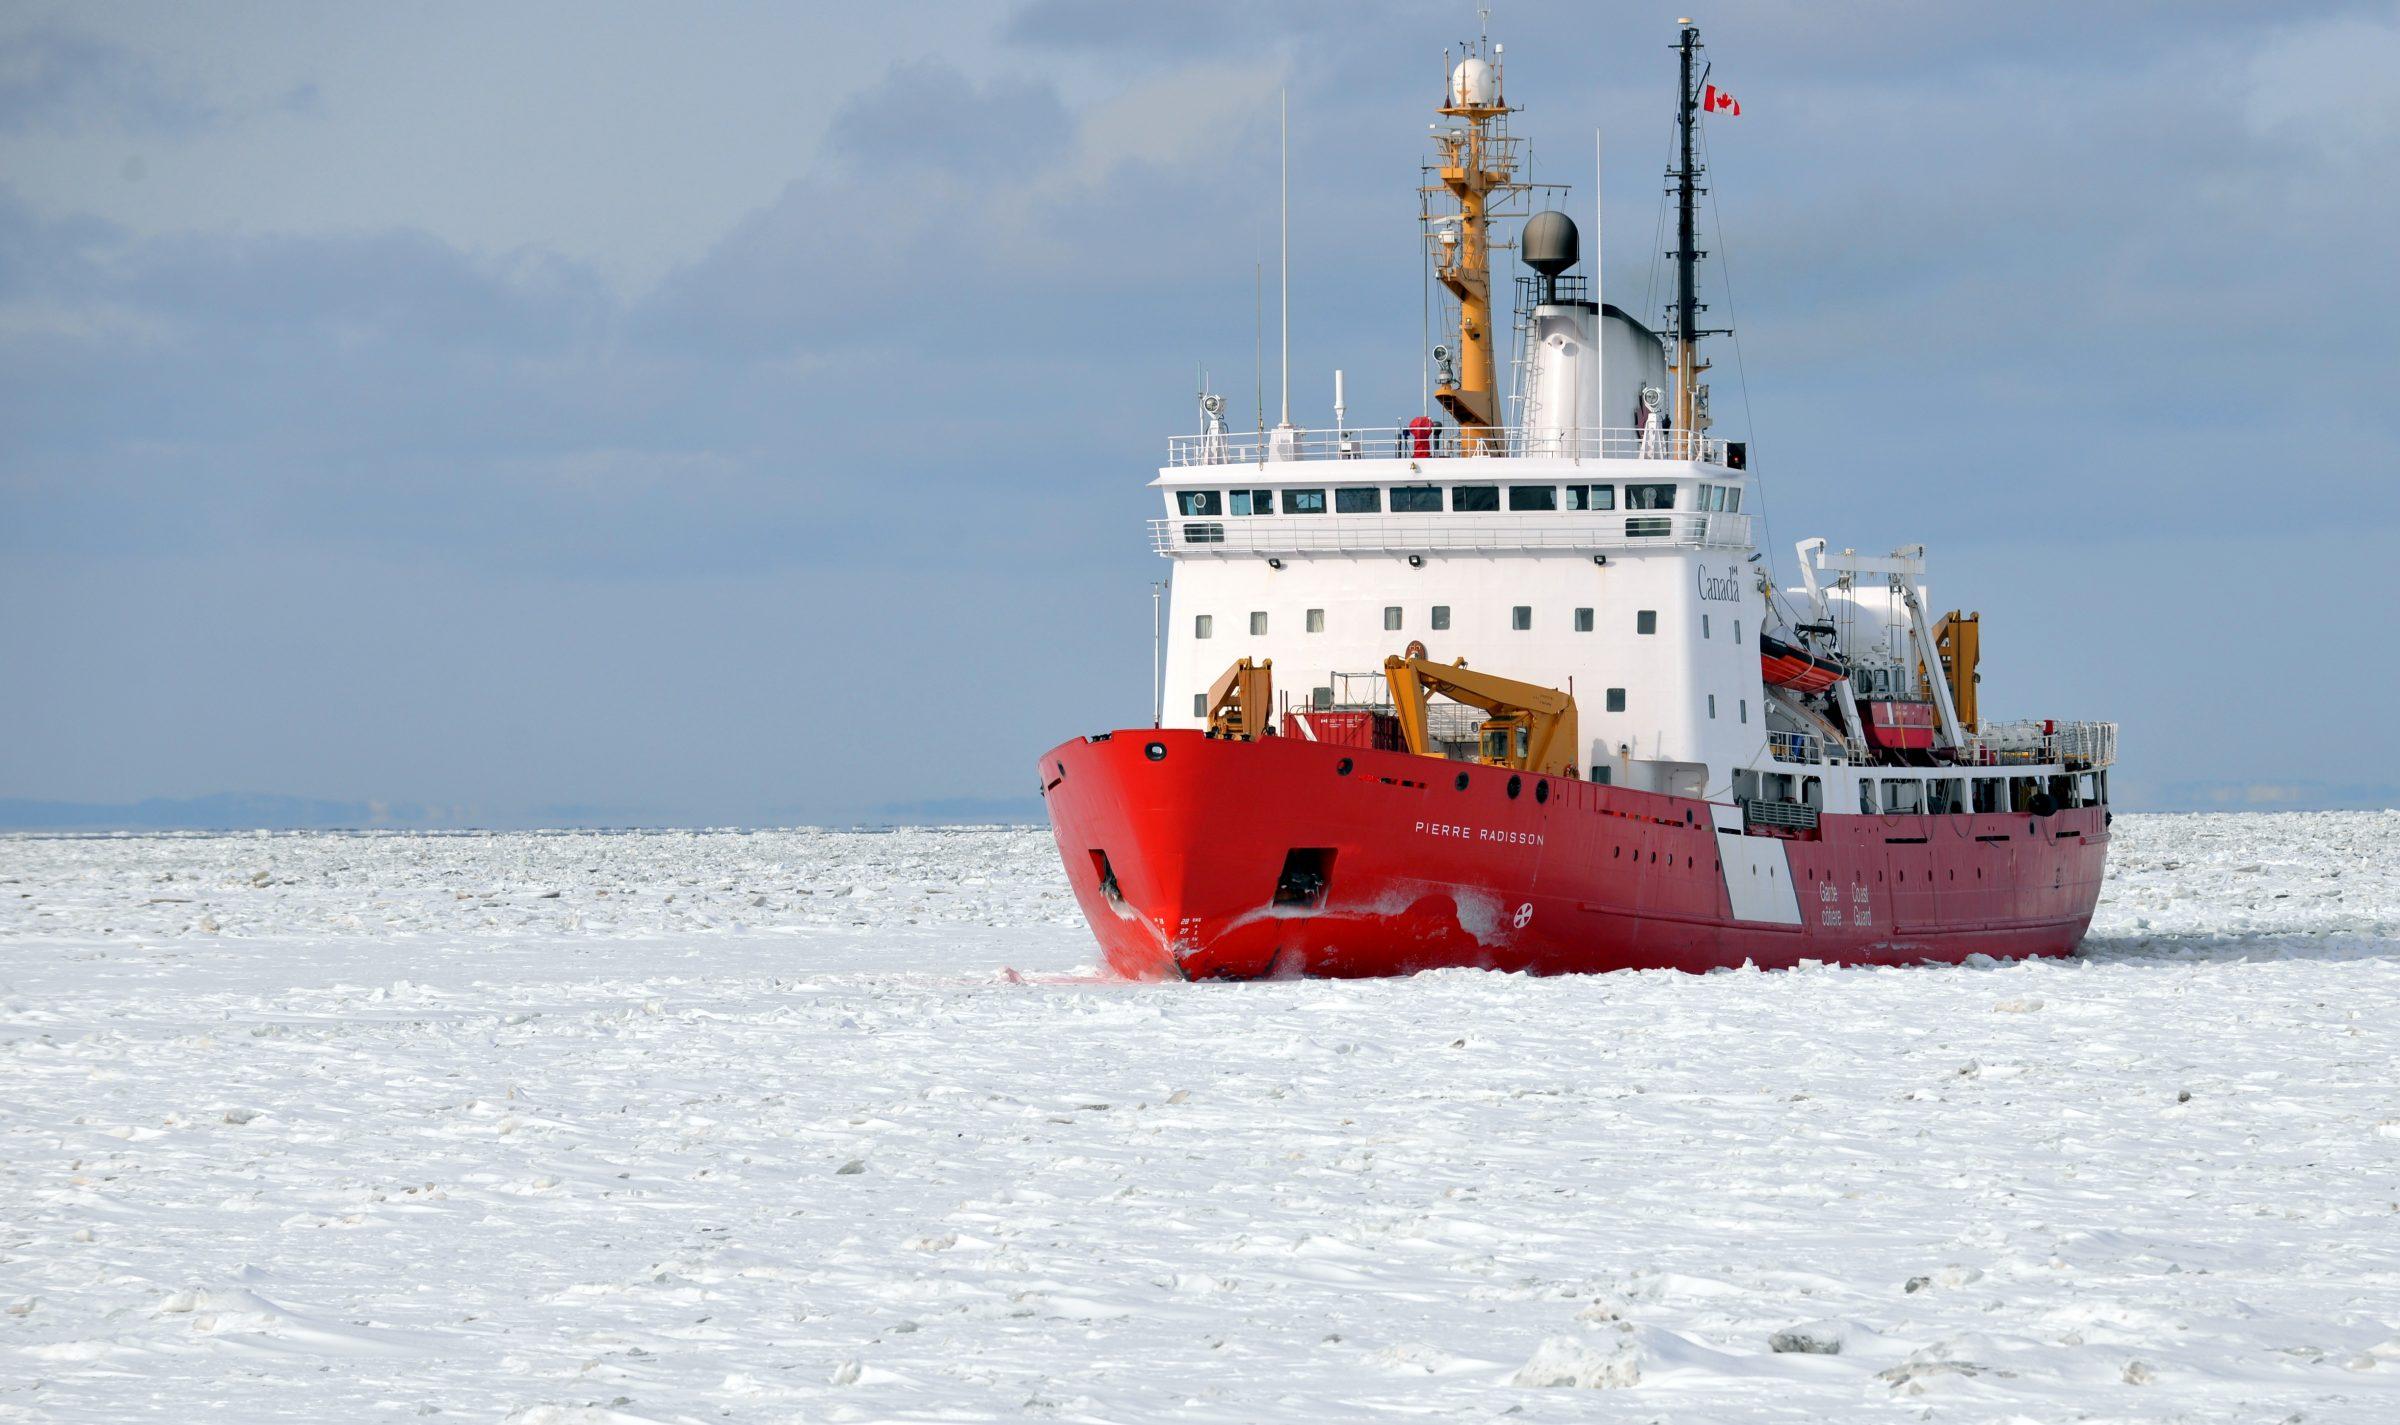 Le brise-glace canadien Pierre Radisson sillonnant les mers gelées. Photo : Émilien Pelletier.